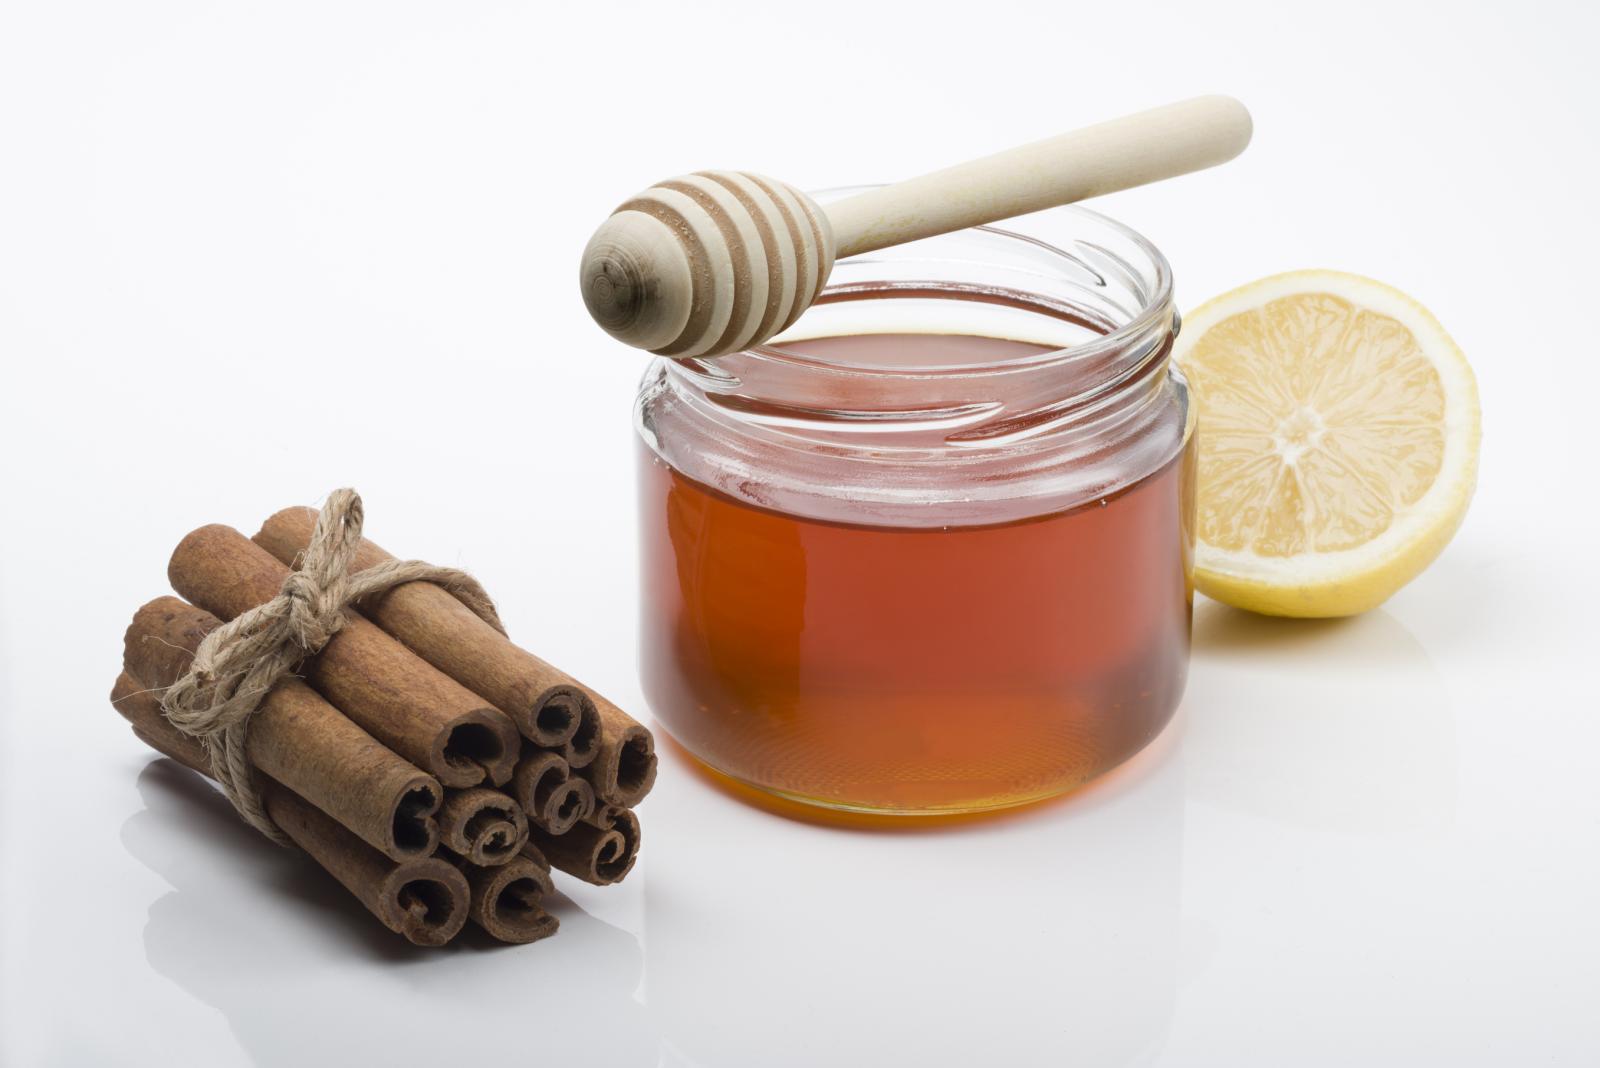 Ljekovita svojstva meda i cimeta poznata su iz davnina.